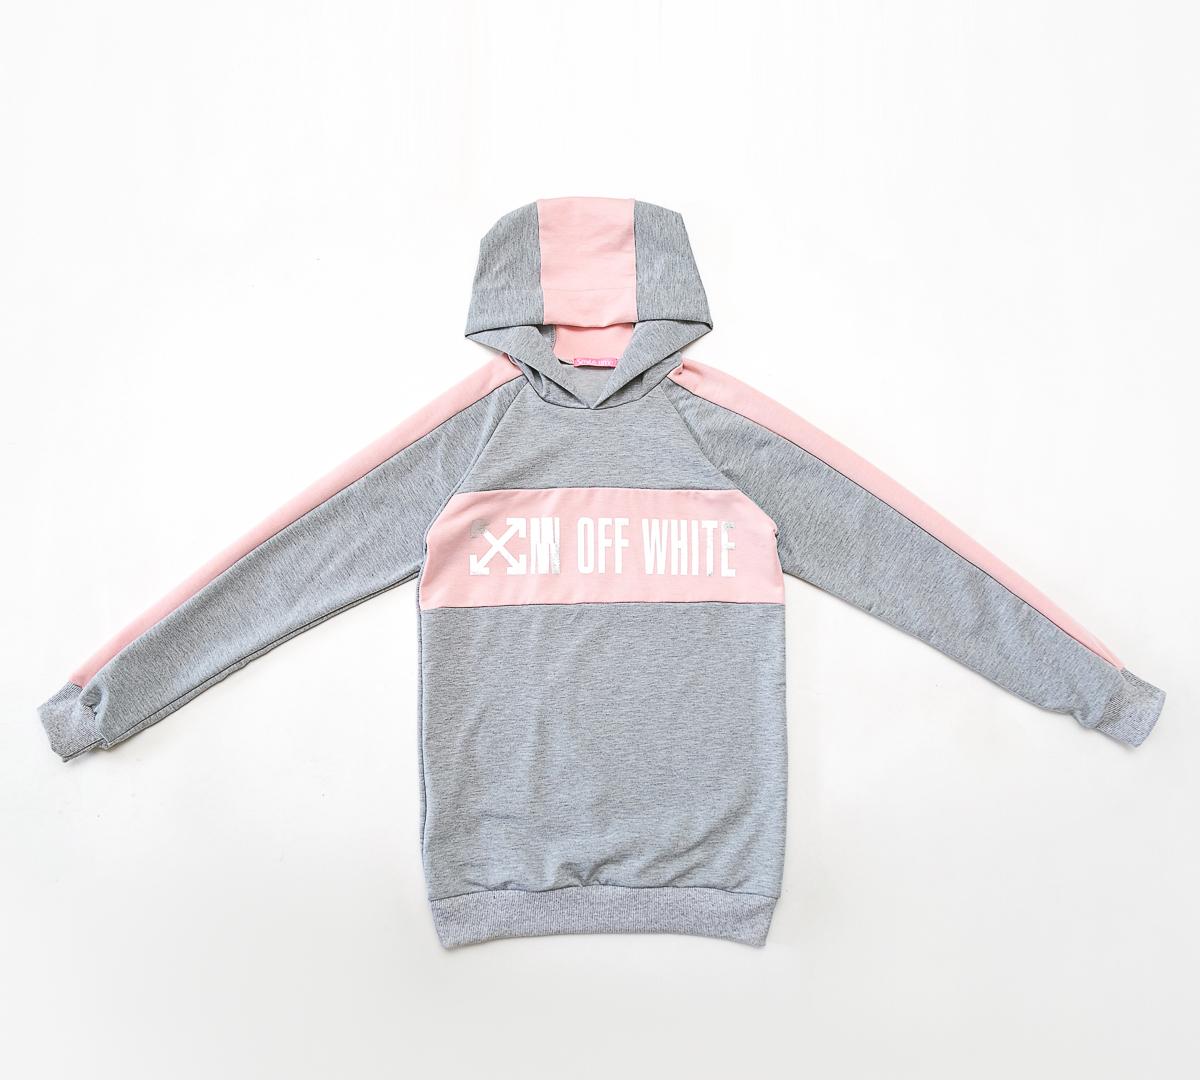 Худи для девочки SmileTime Fashion, серая с розовым